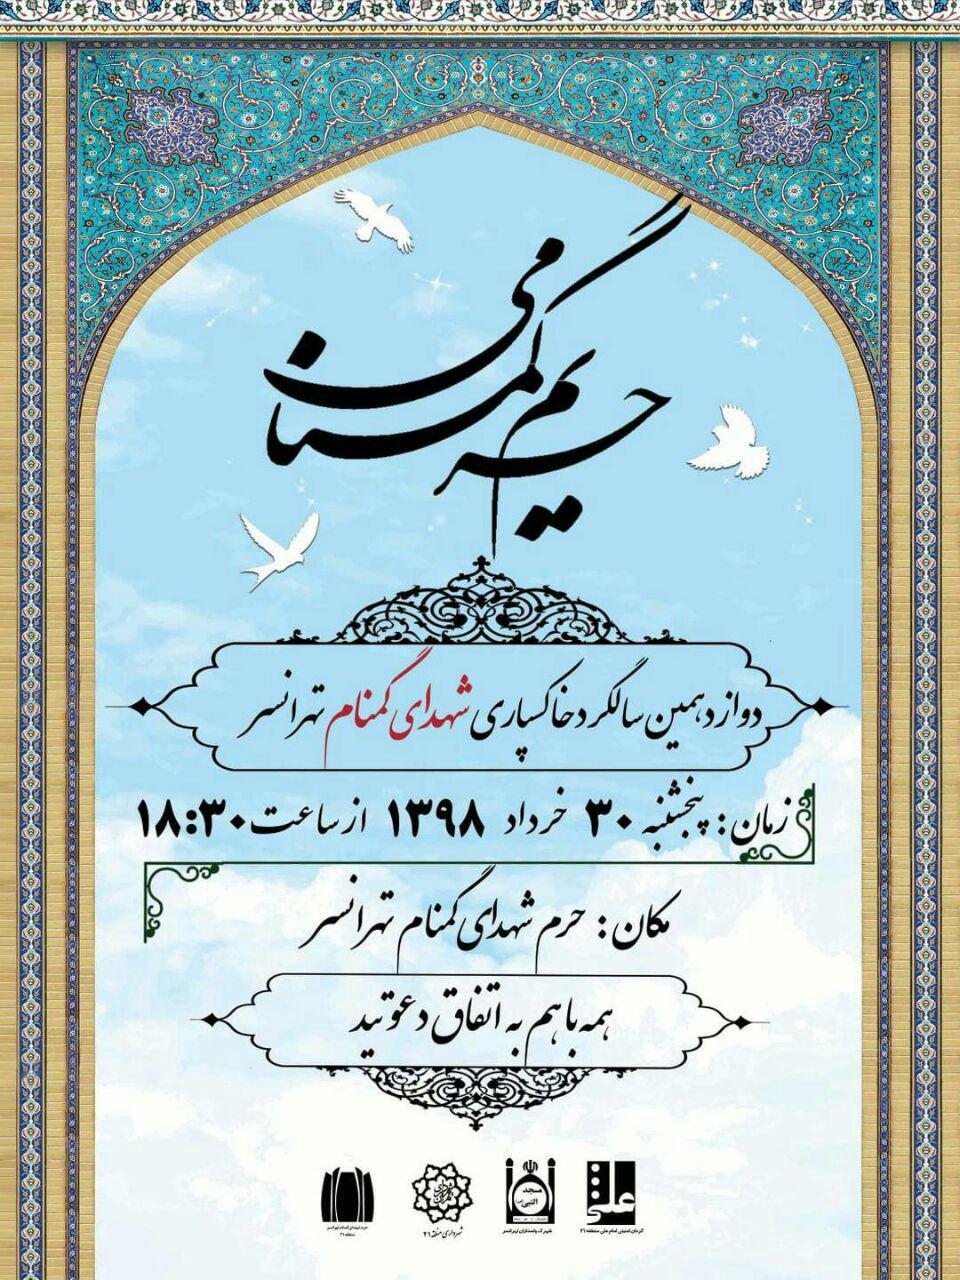 یادبود دوازدهمین سالگرد خاکسپاری شهدای گمنام محله تهرانسر